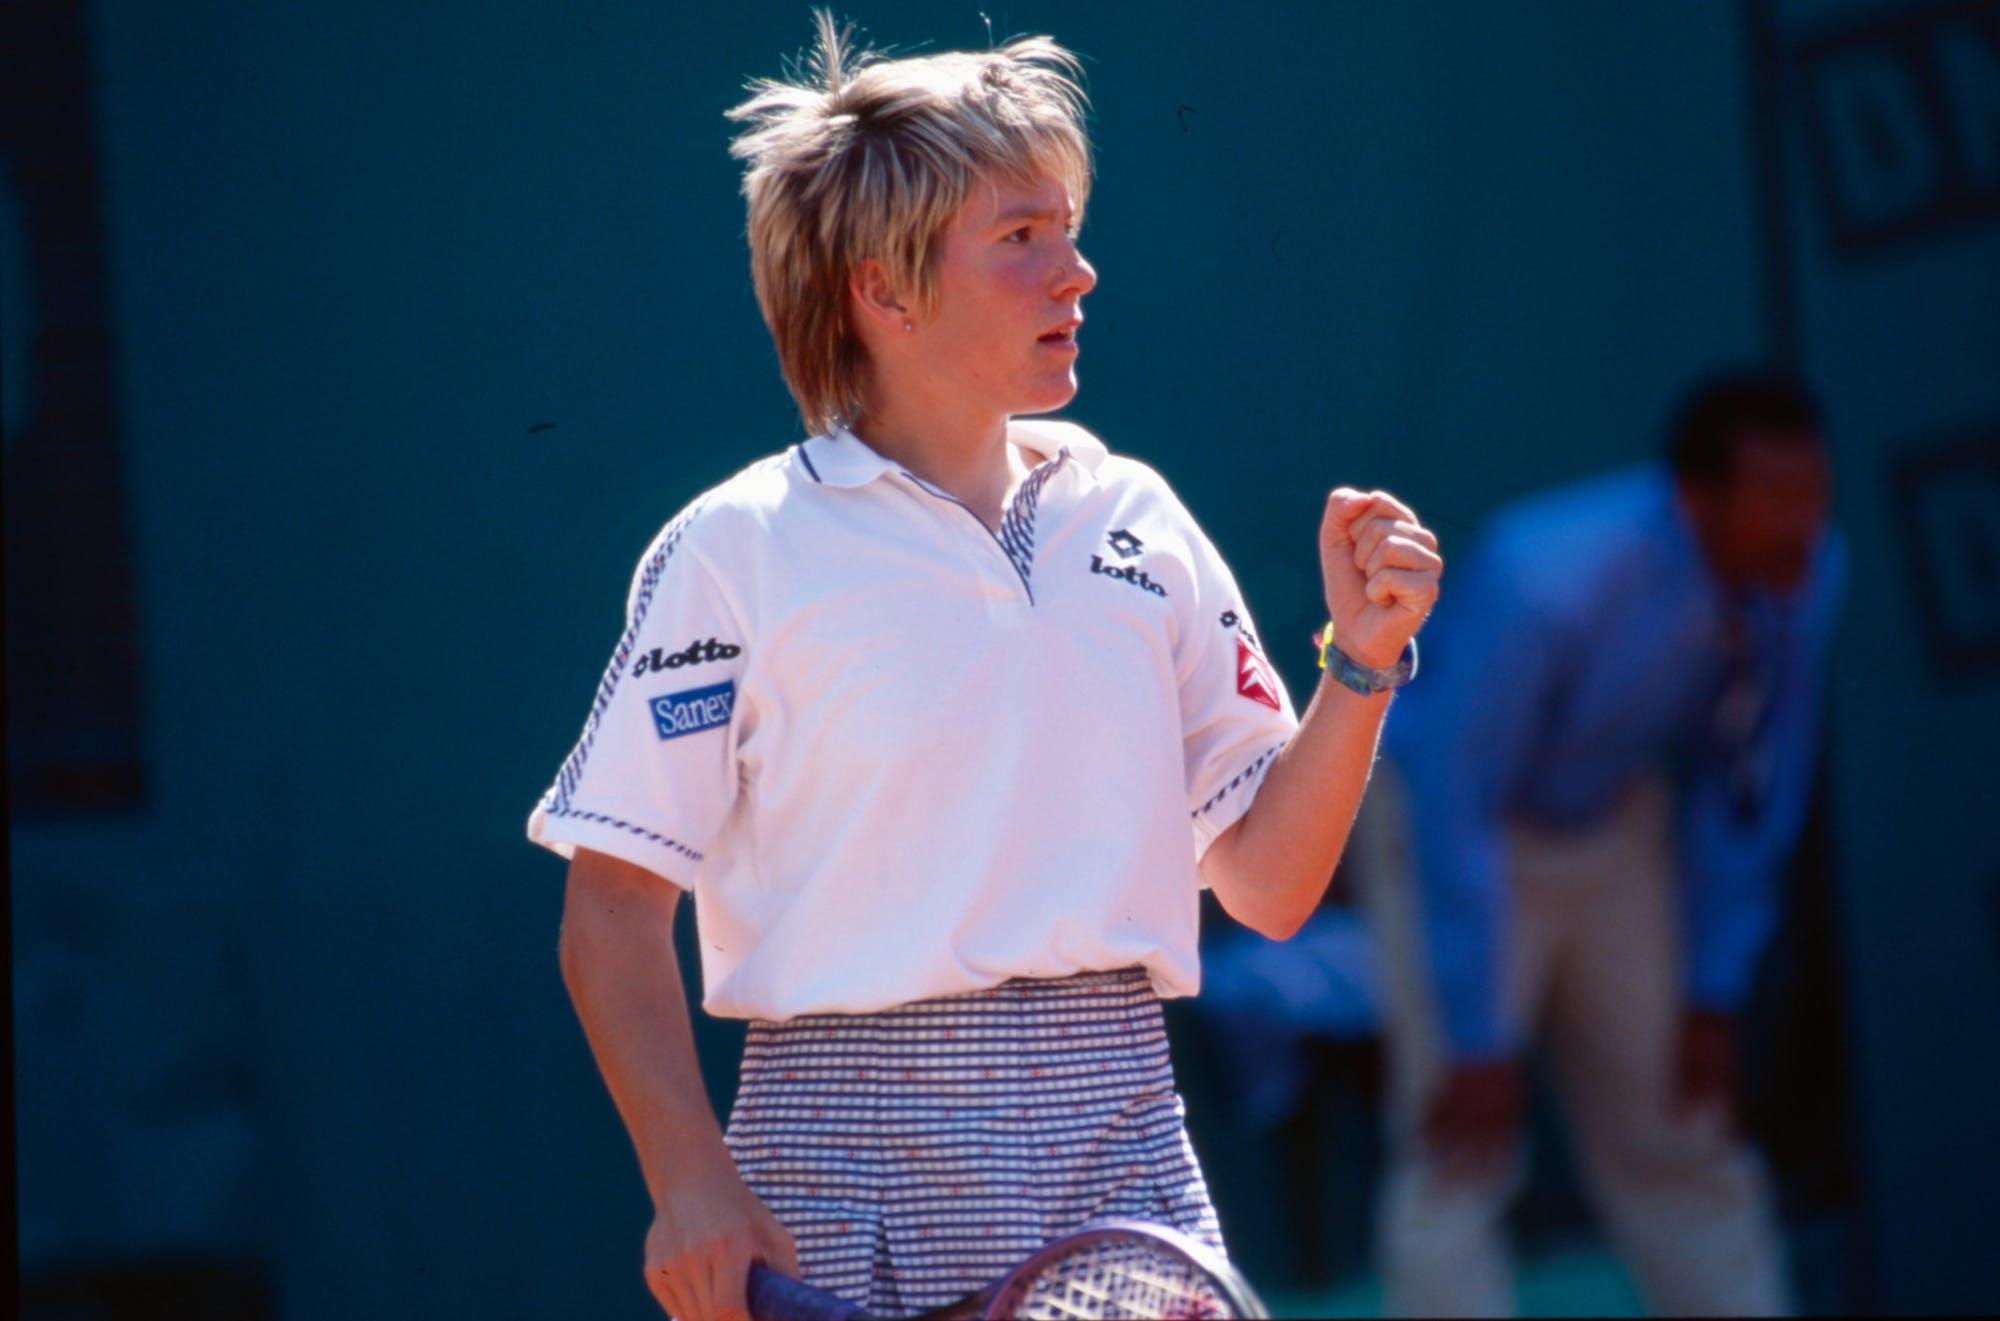 Justine Henin Roland-Garros girl's singles champ 1997 championne Roland-Garros junior.